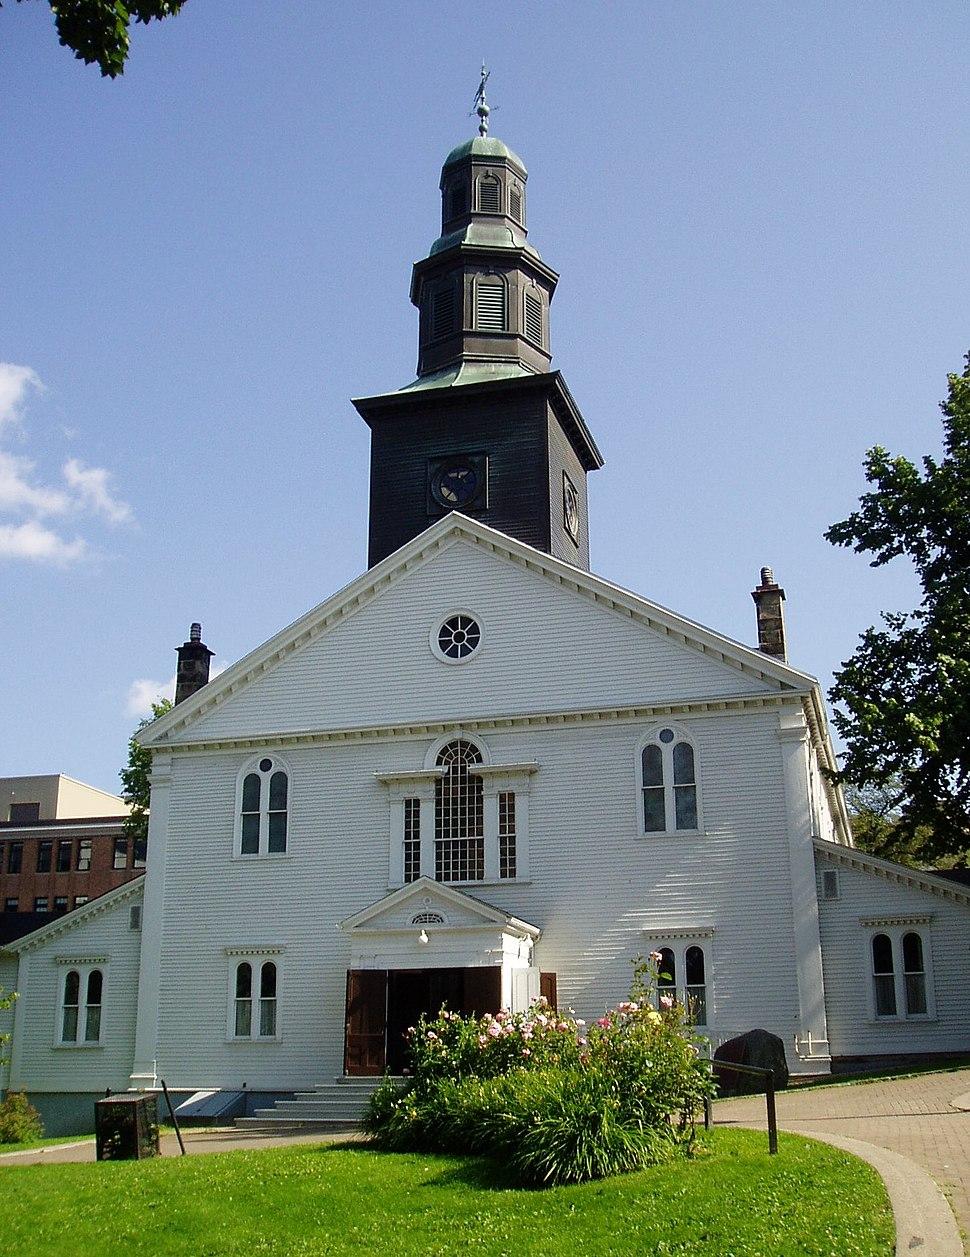 St Pauls, Halifax